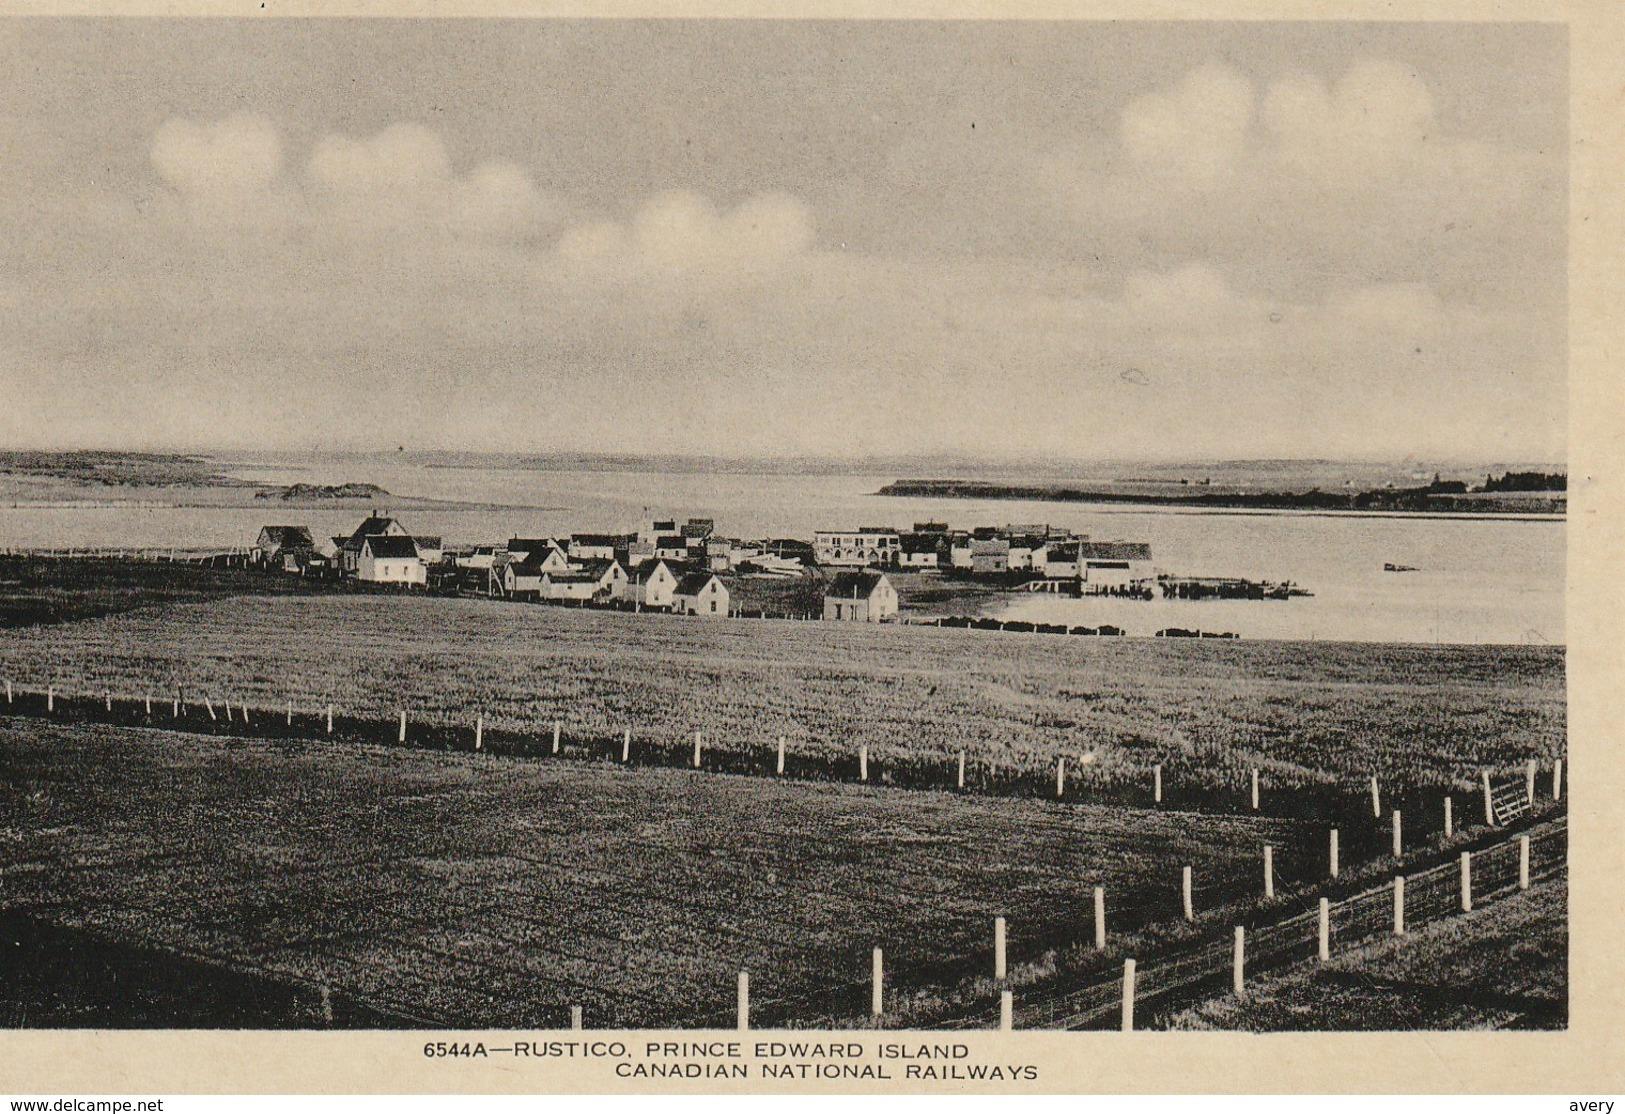 Rustico, Prince Edward Island - Other